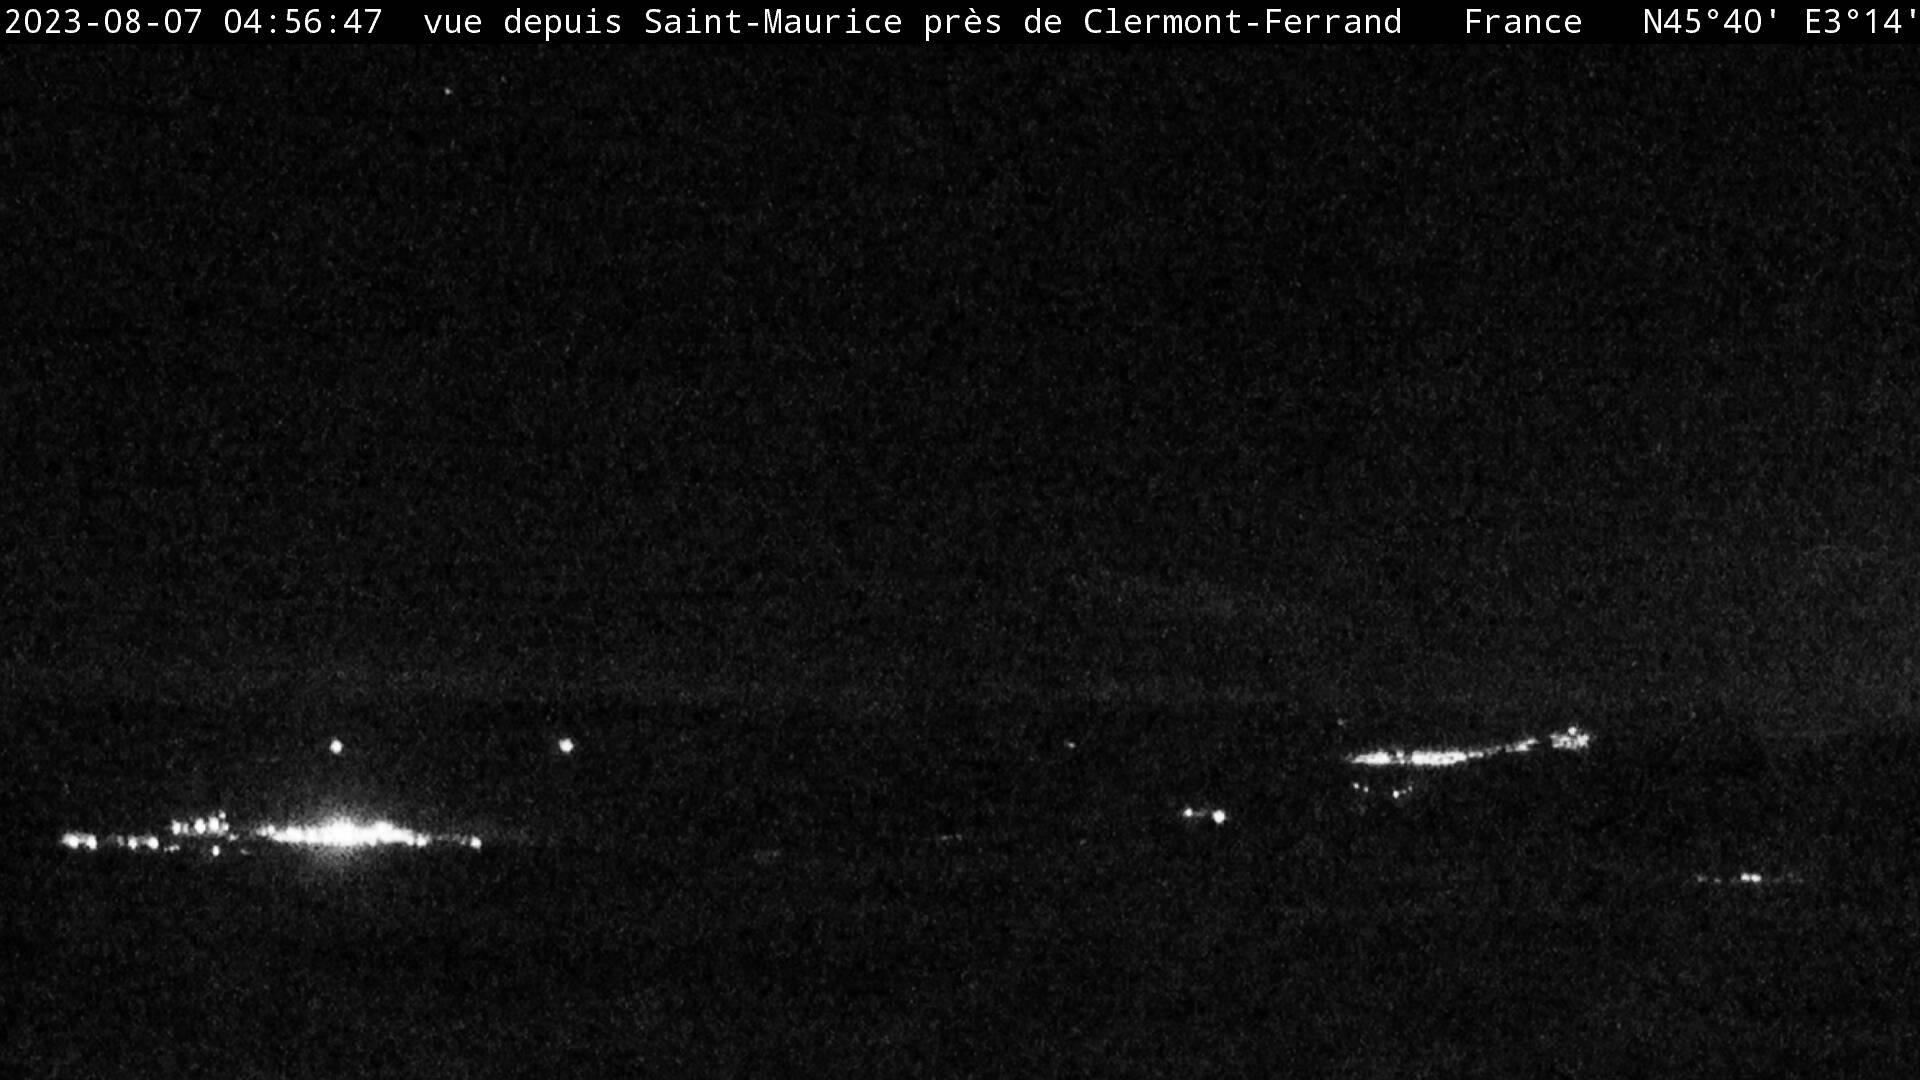 Saint-Maurice Sun. 04:57